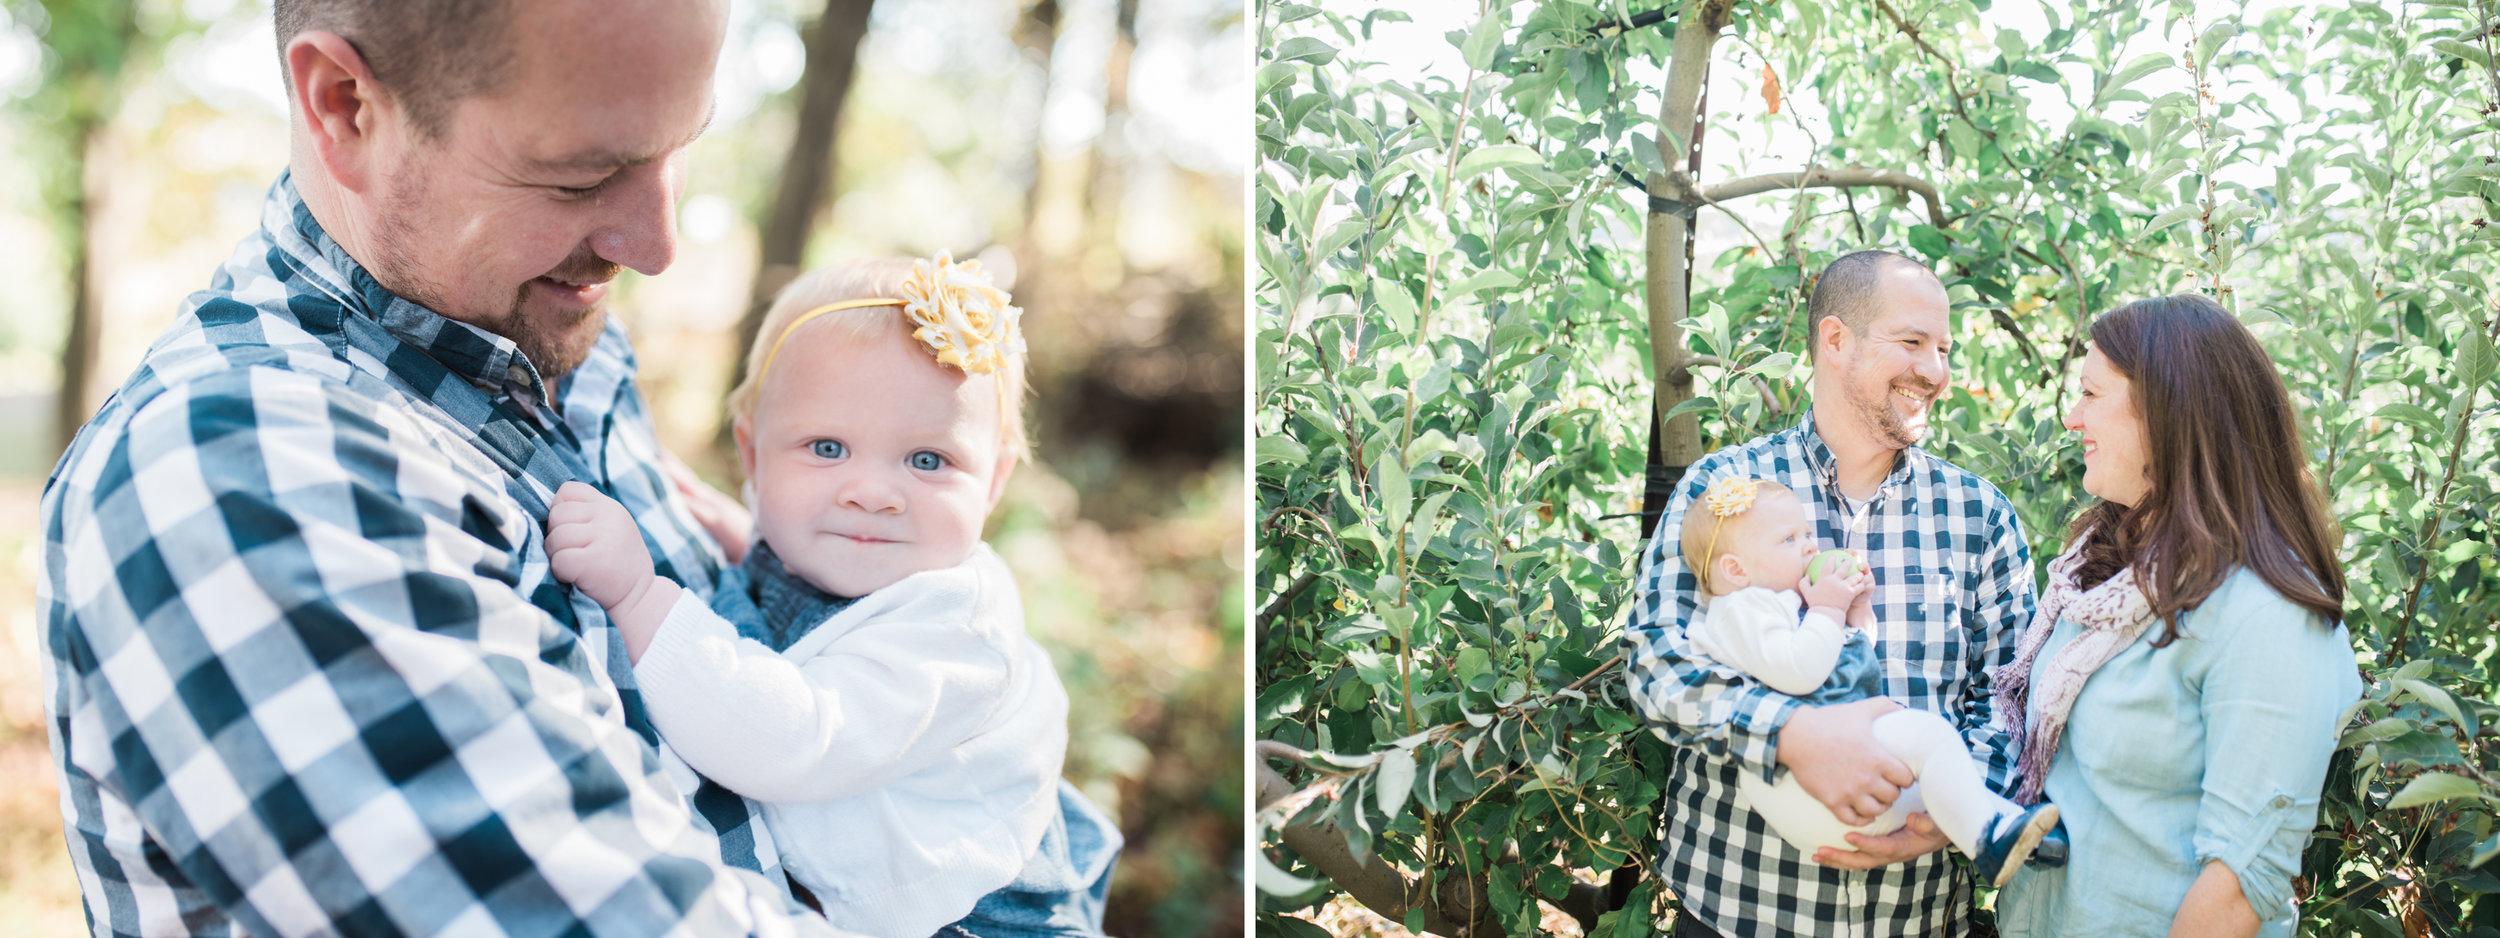 Maryland-family-photographer-lifestyle-photos-by-bklp-breanna-kuhlmann-2.jpg